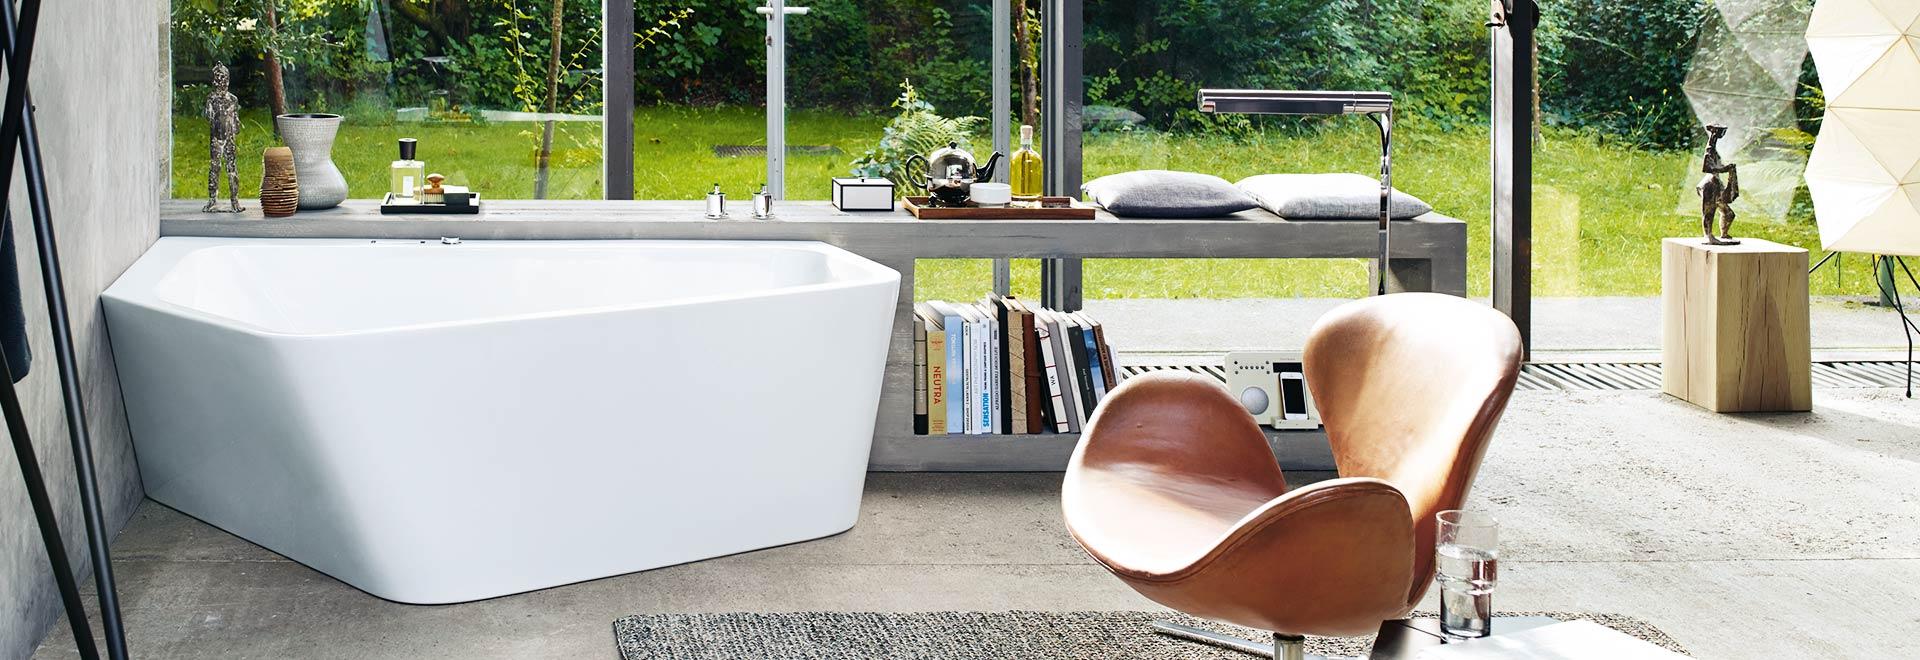 sch ne b der f r ihr zuhause mit walter v gele freiburg. Black Bedroom Furniture Sets. Home Design Ideas